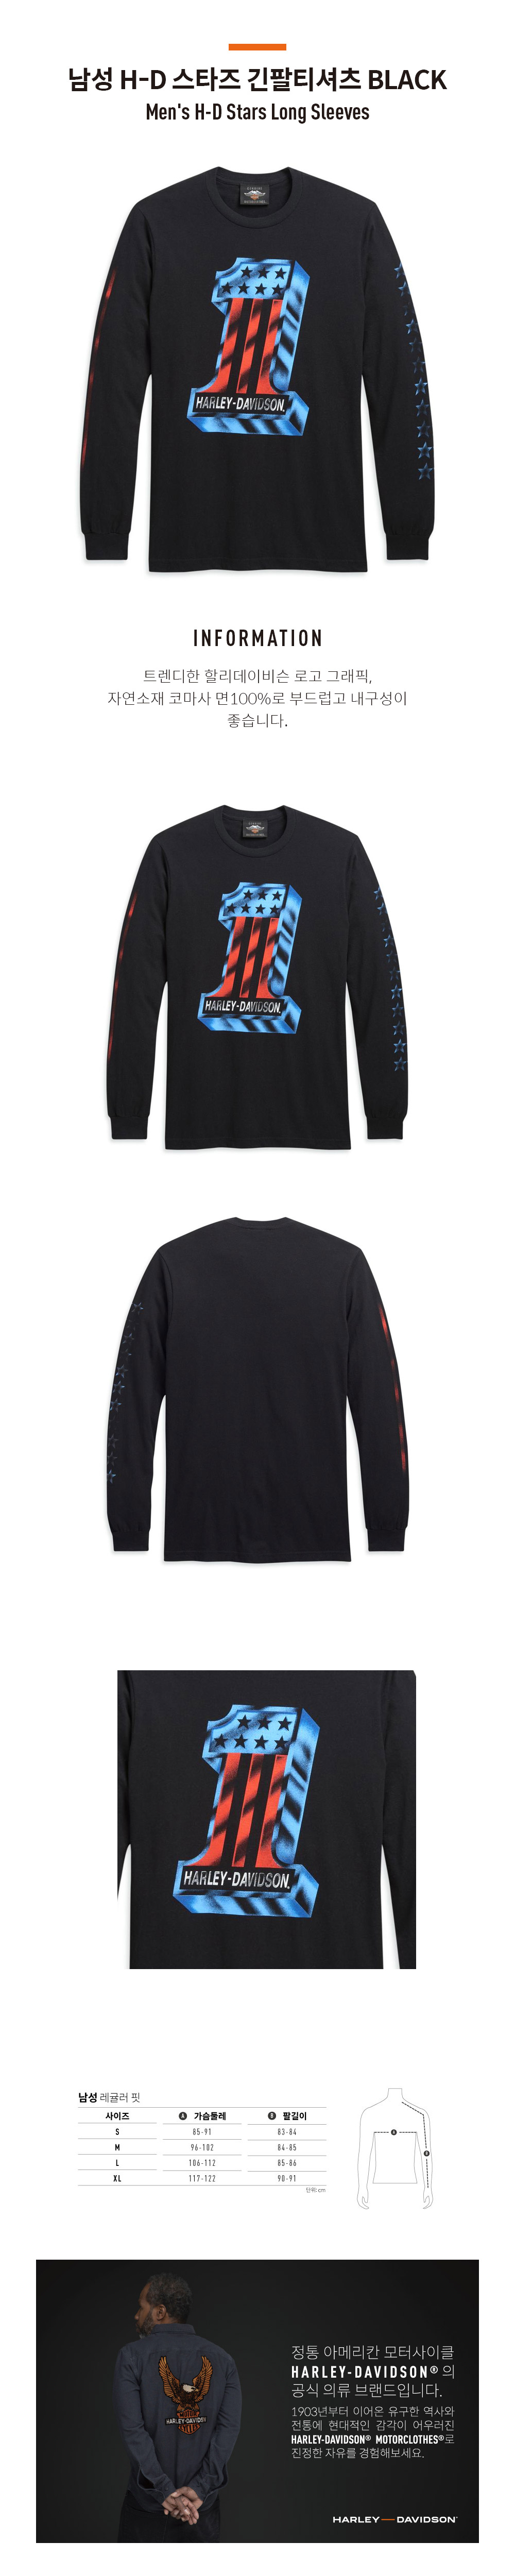 [LIMITED] 남성 H-D 스타즈 긴팔티셔츠 BLACK